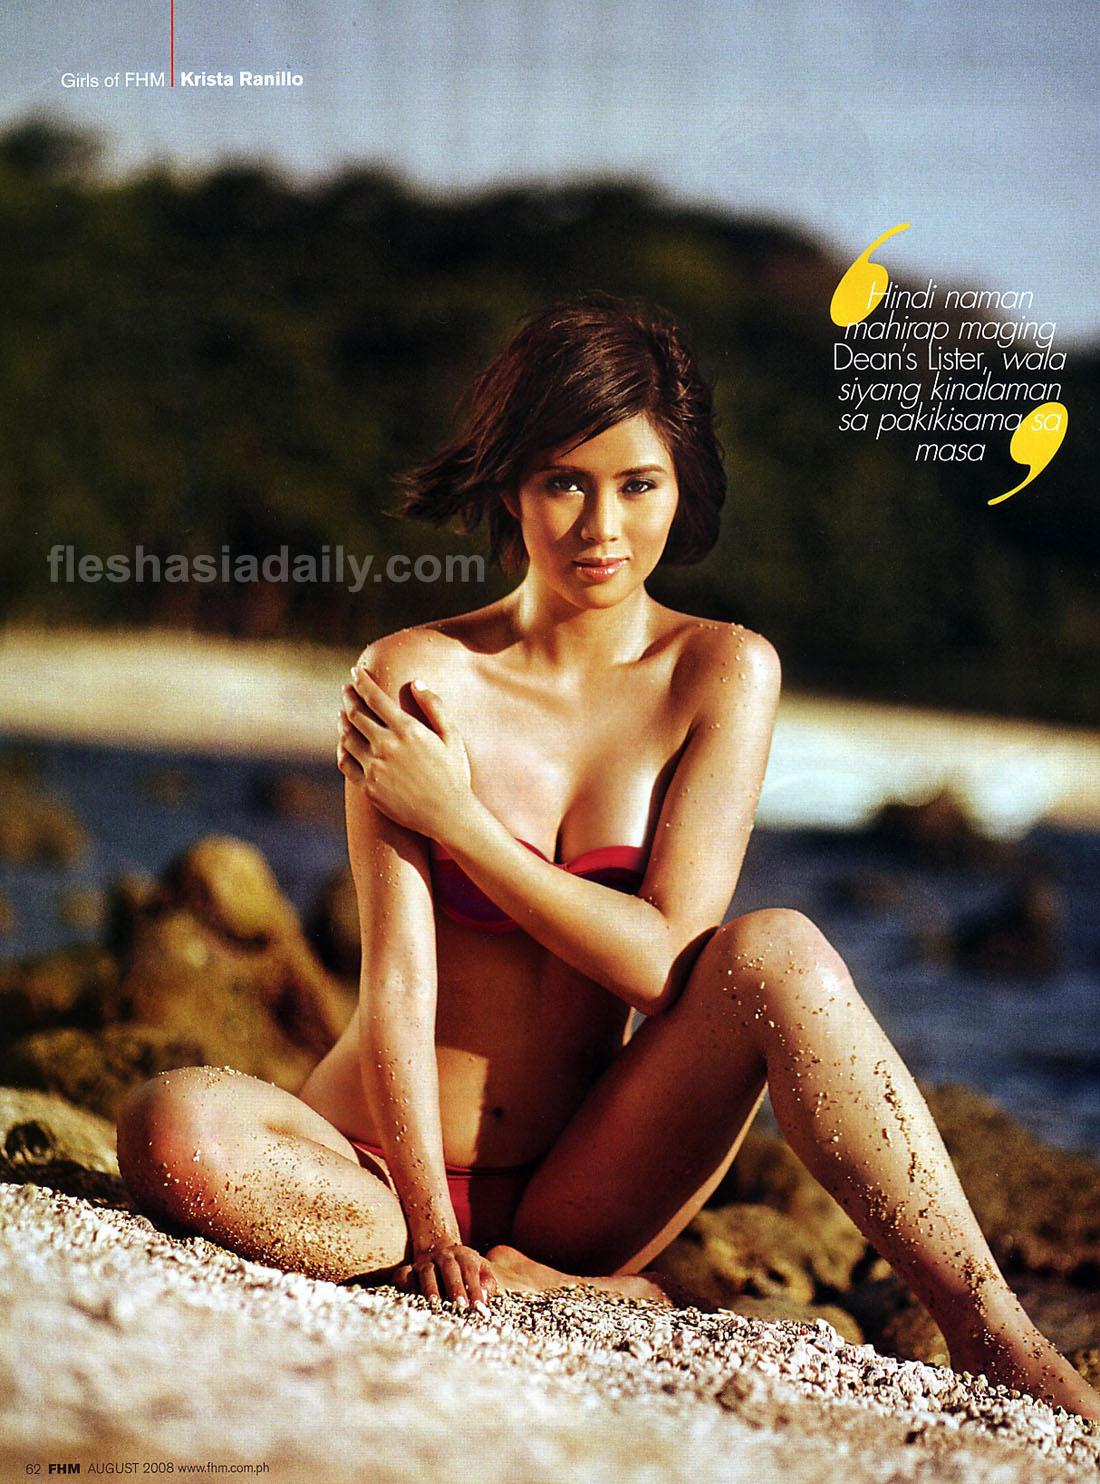 naked photo krista ranillo